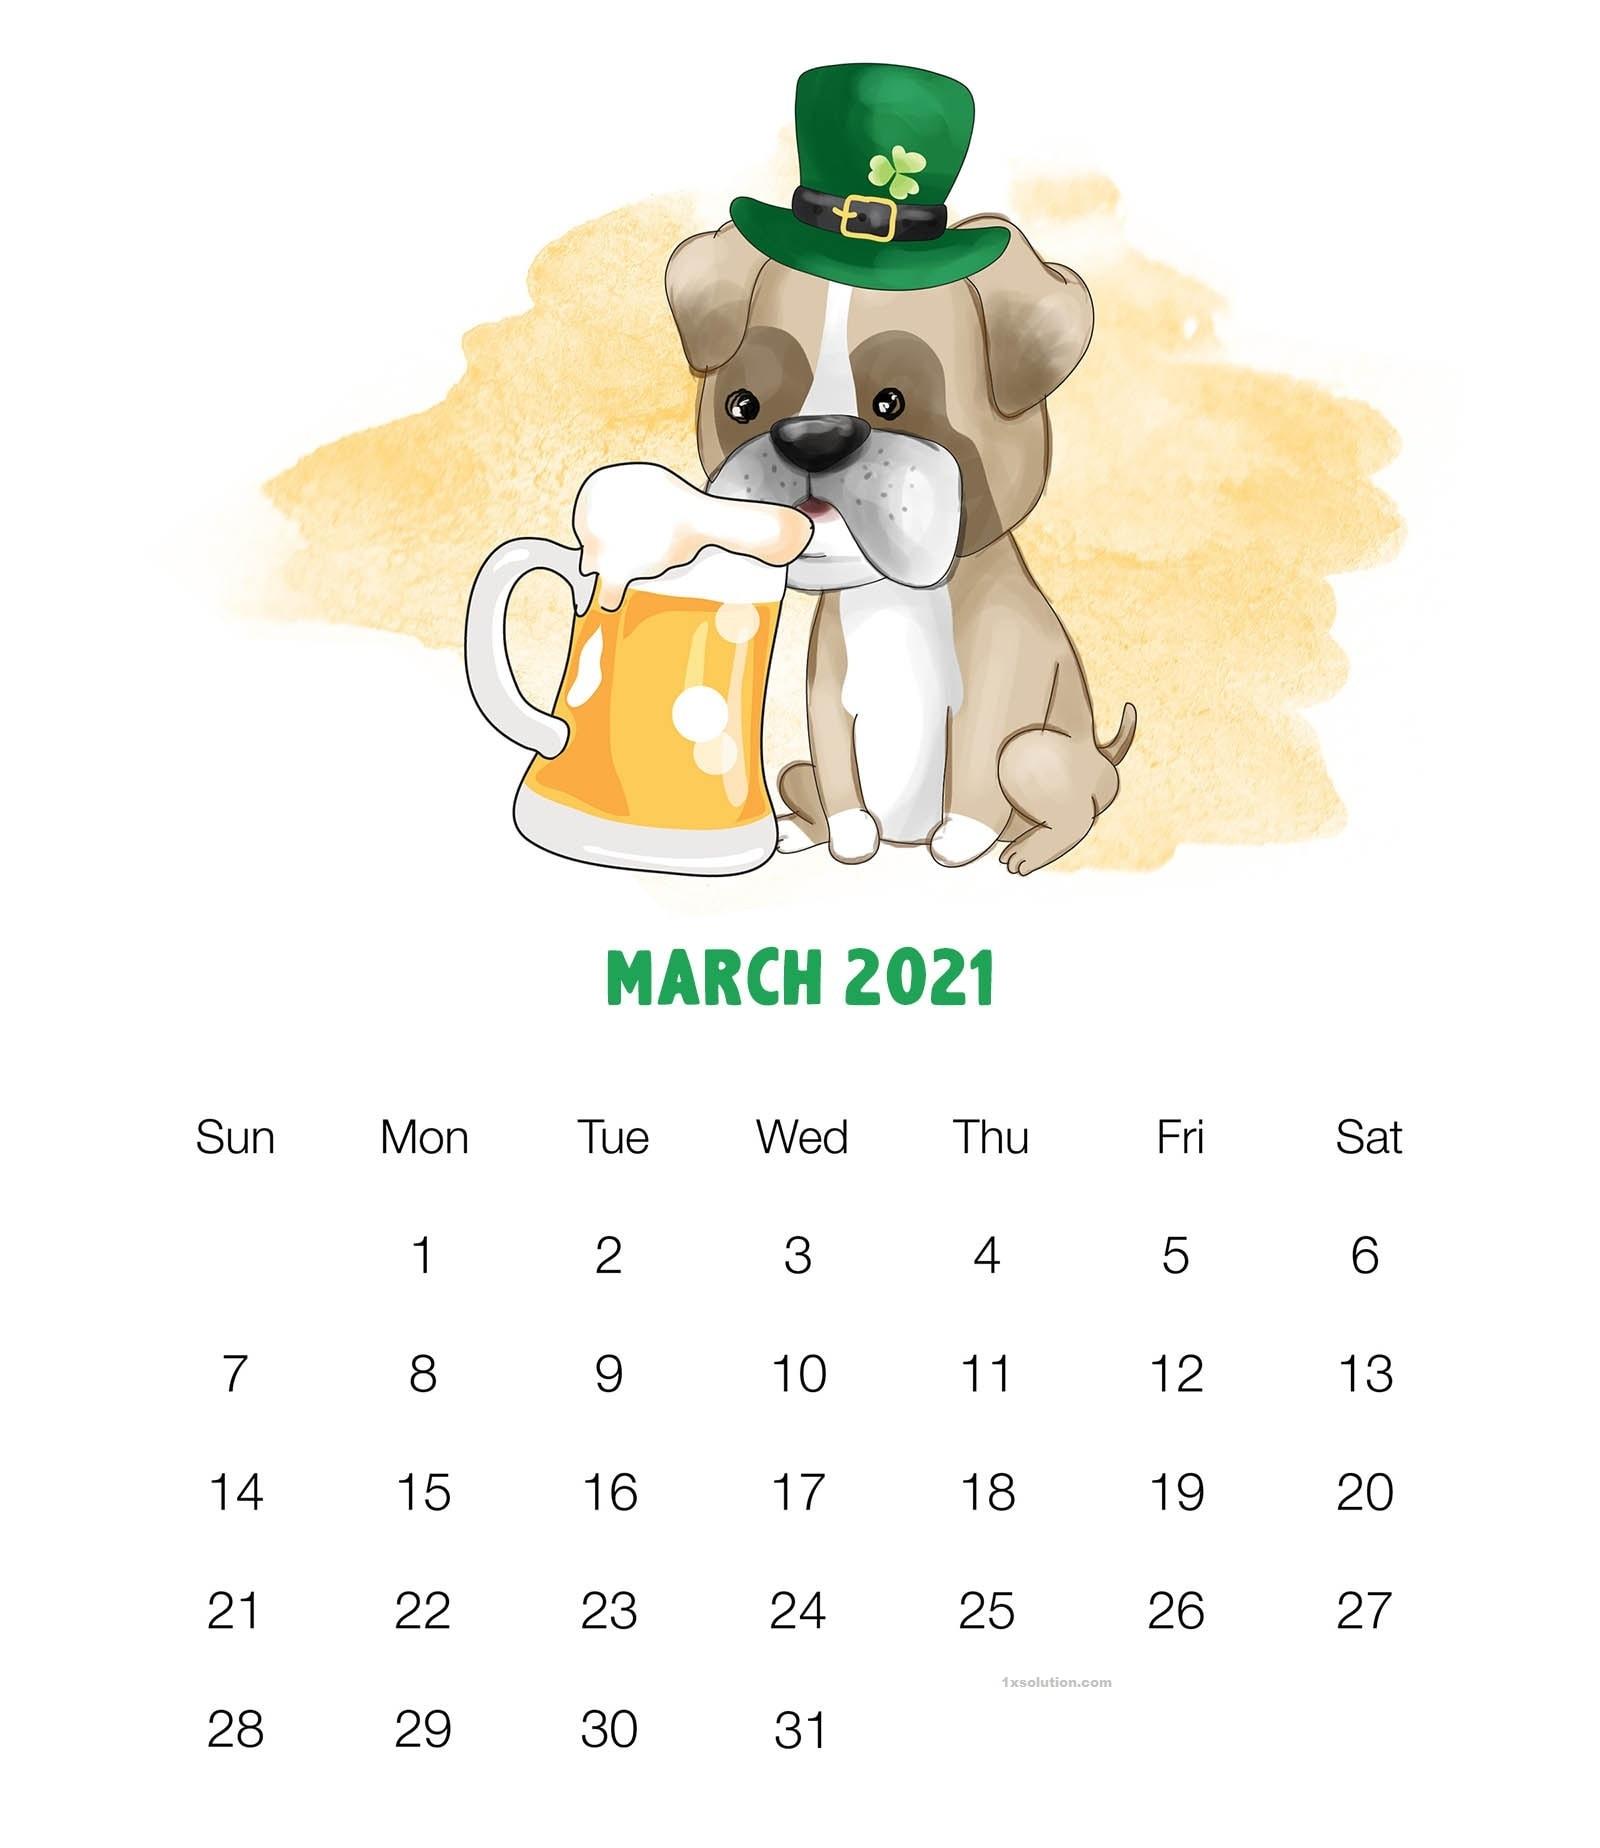 Cute March 2021 Calendar